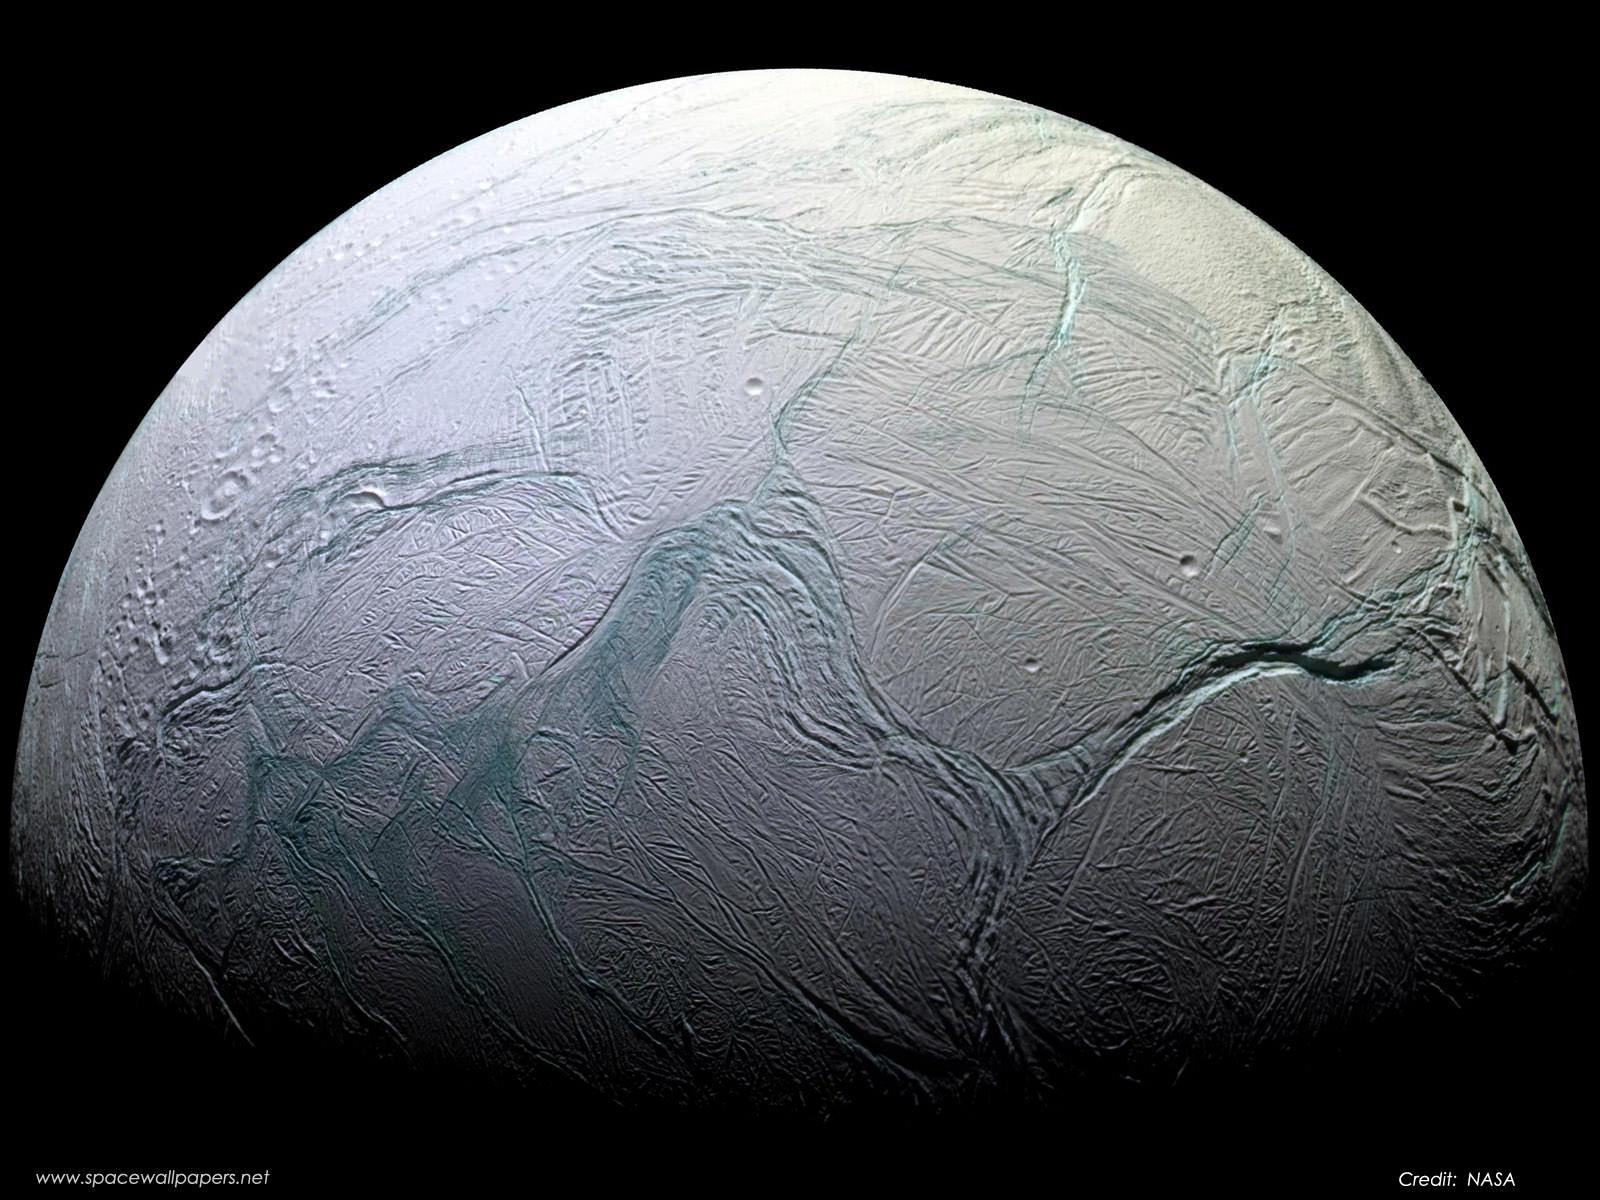 Новый инструмент НАСА, который будет искать признаки жизни на Энцеладе - 3